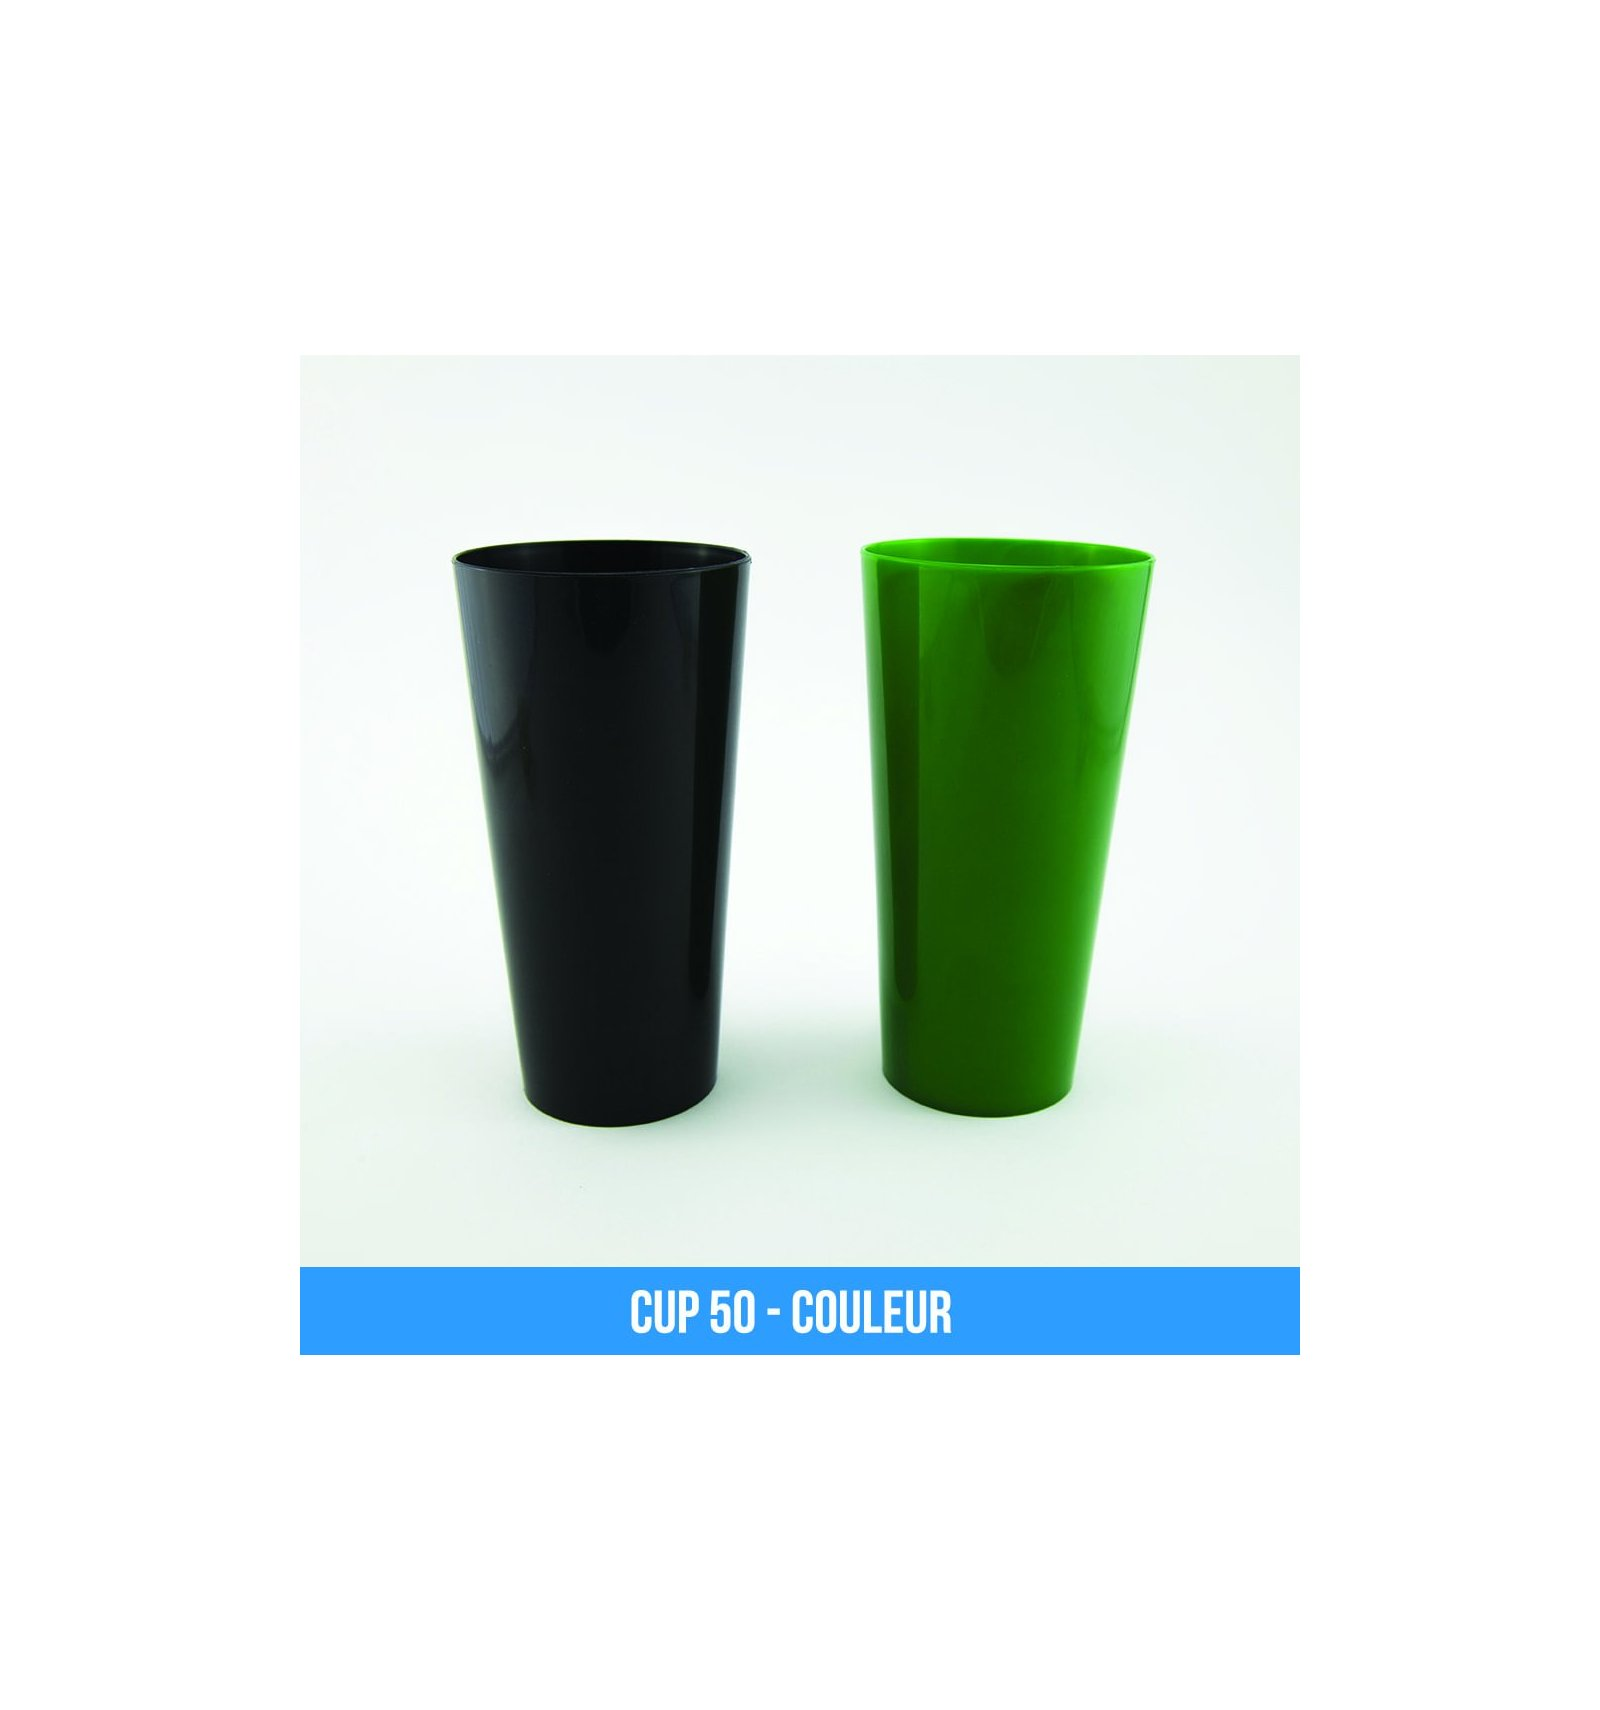 Faire Des Gobelets Personnalisés cup 50 (50cl) - gobelets réutilisables personnalisables